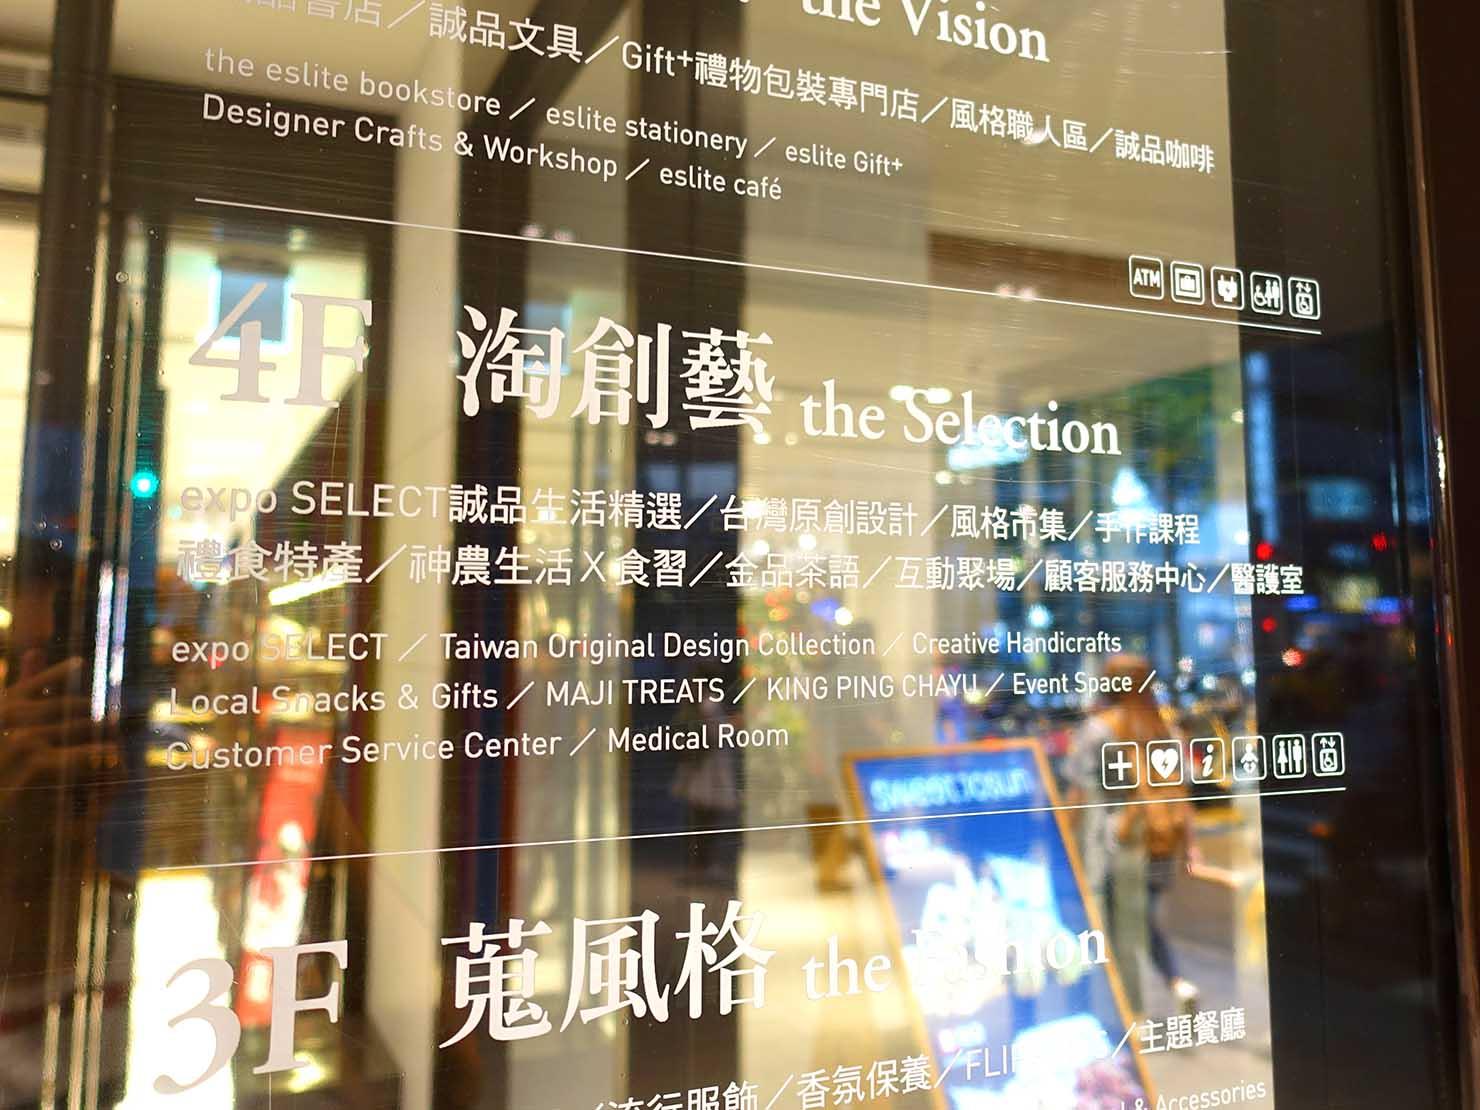 台北おみやげ探しにおすすめな「誠品生活南西店」のフロアマップ